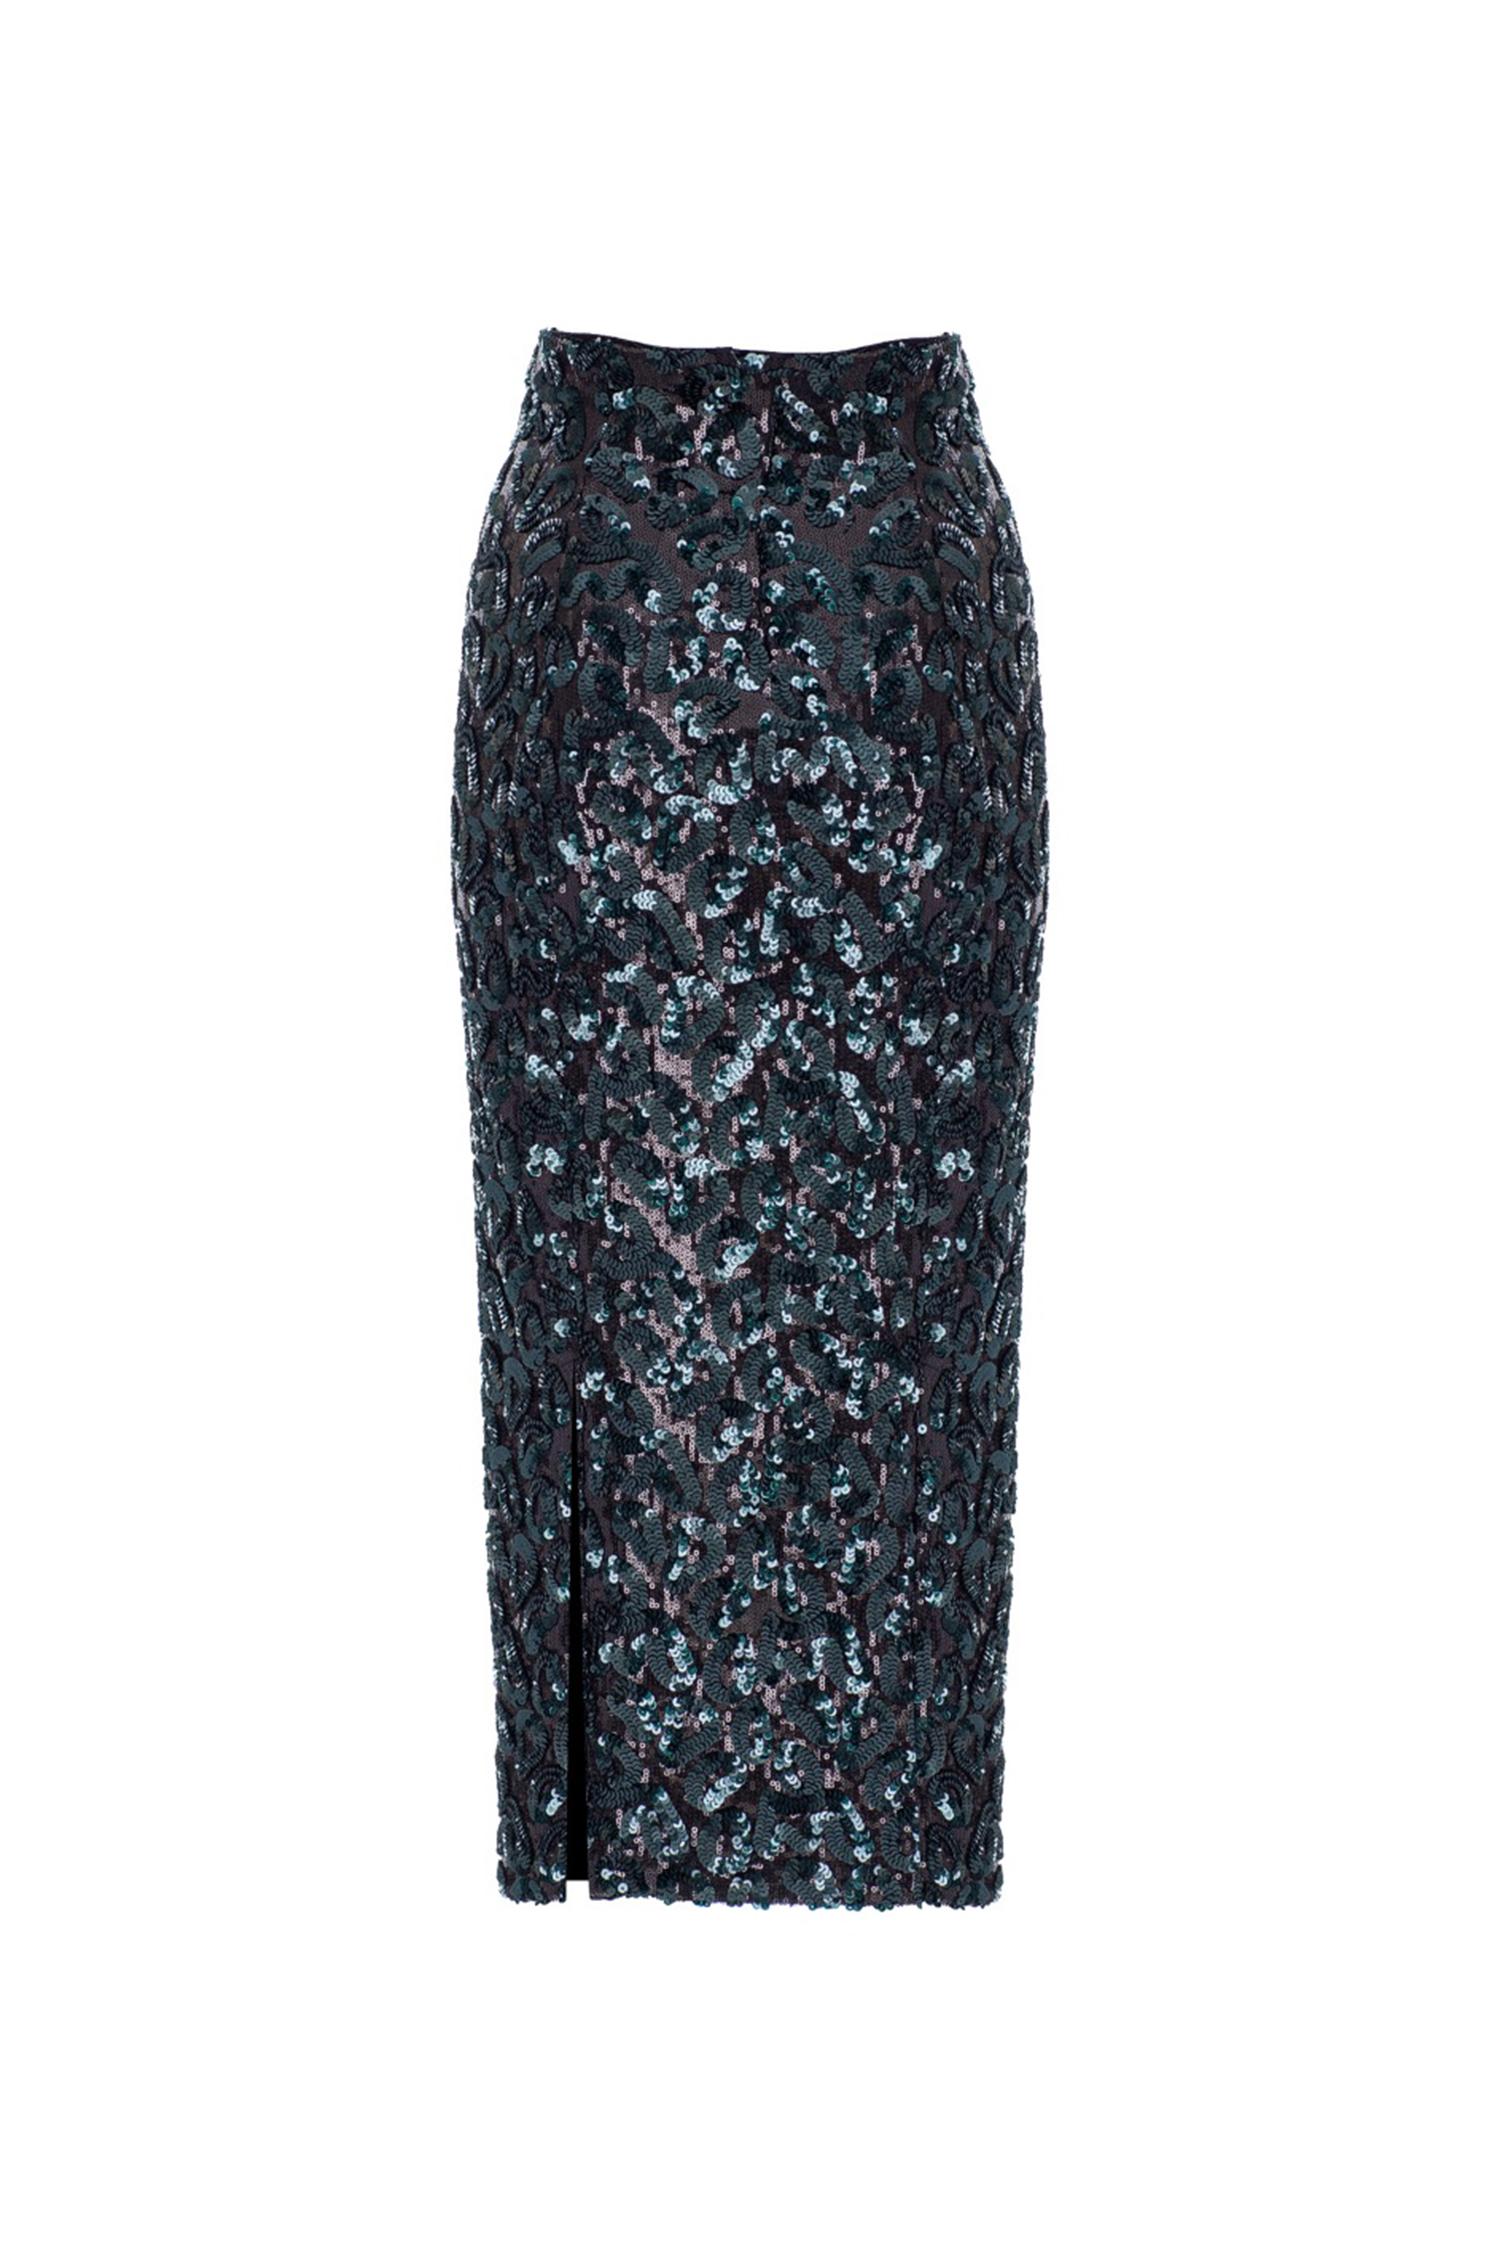 sequin, pencilskirt, skirt, fw 21/22